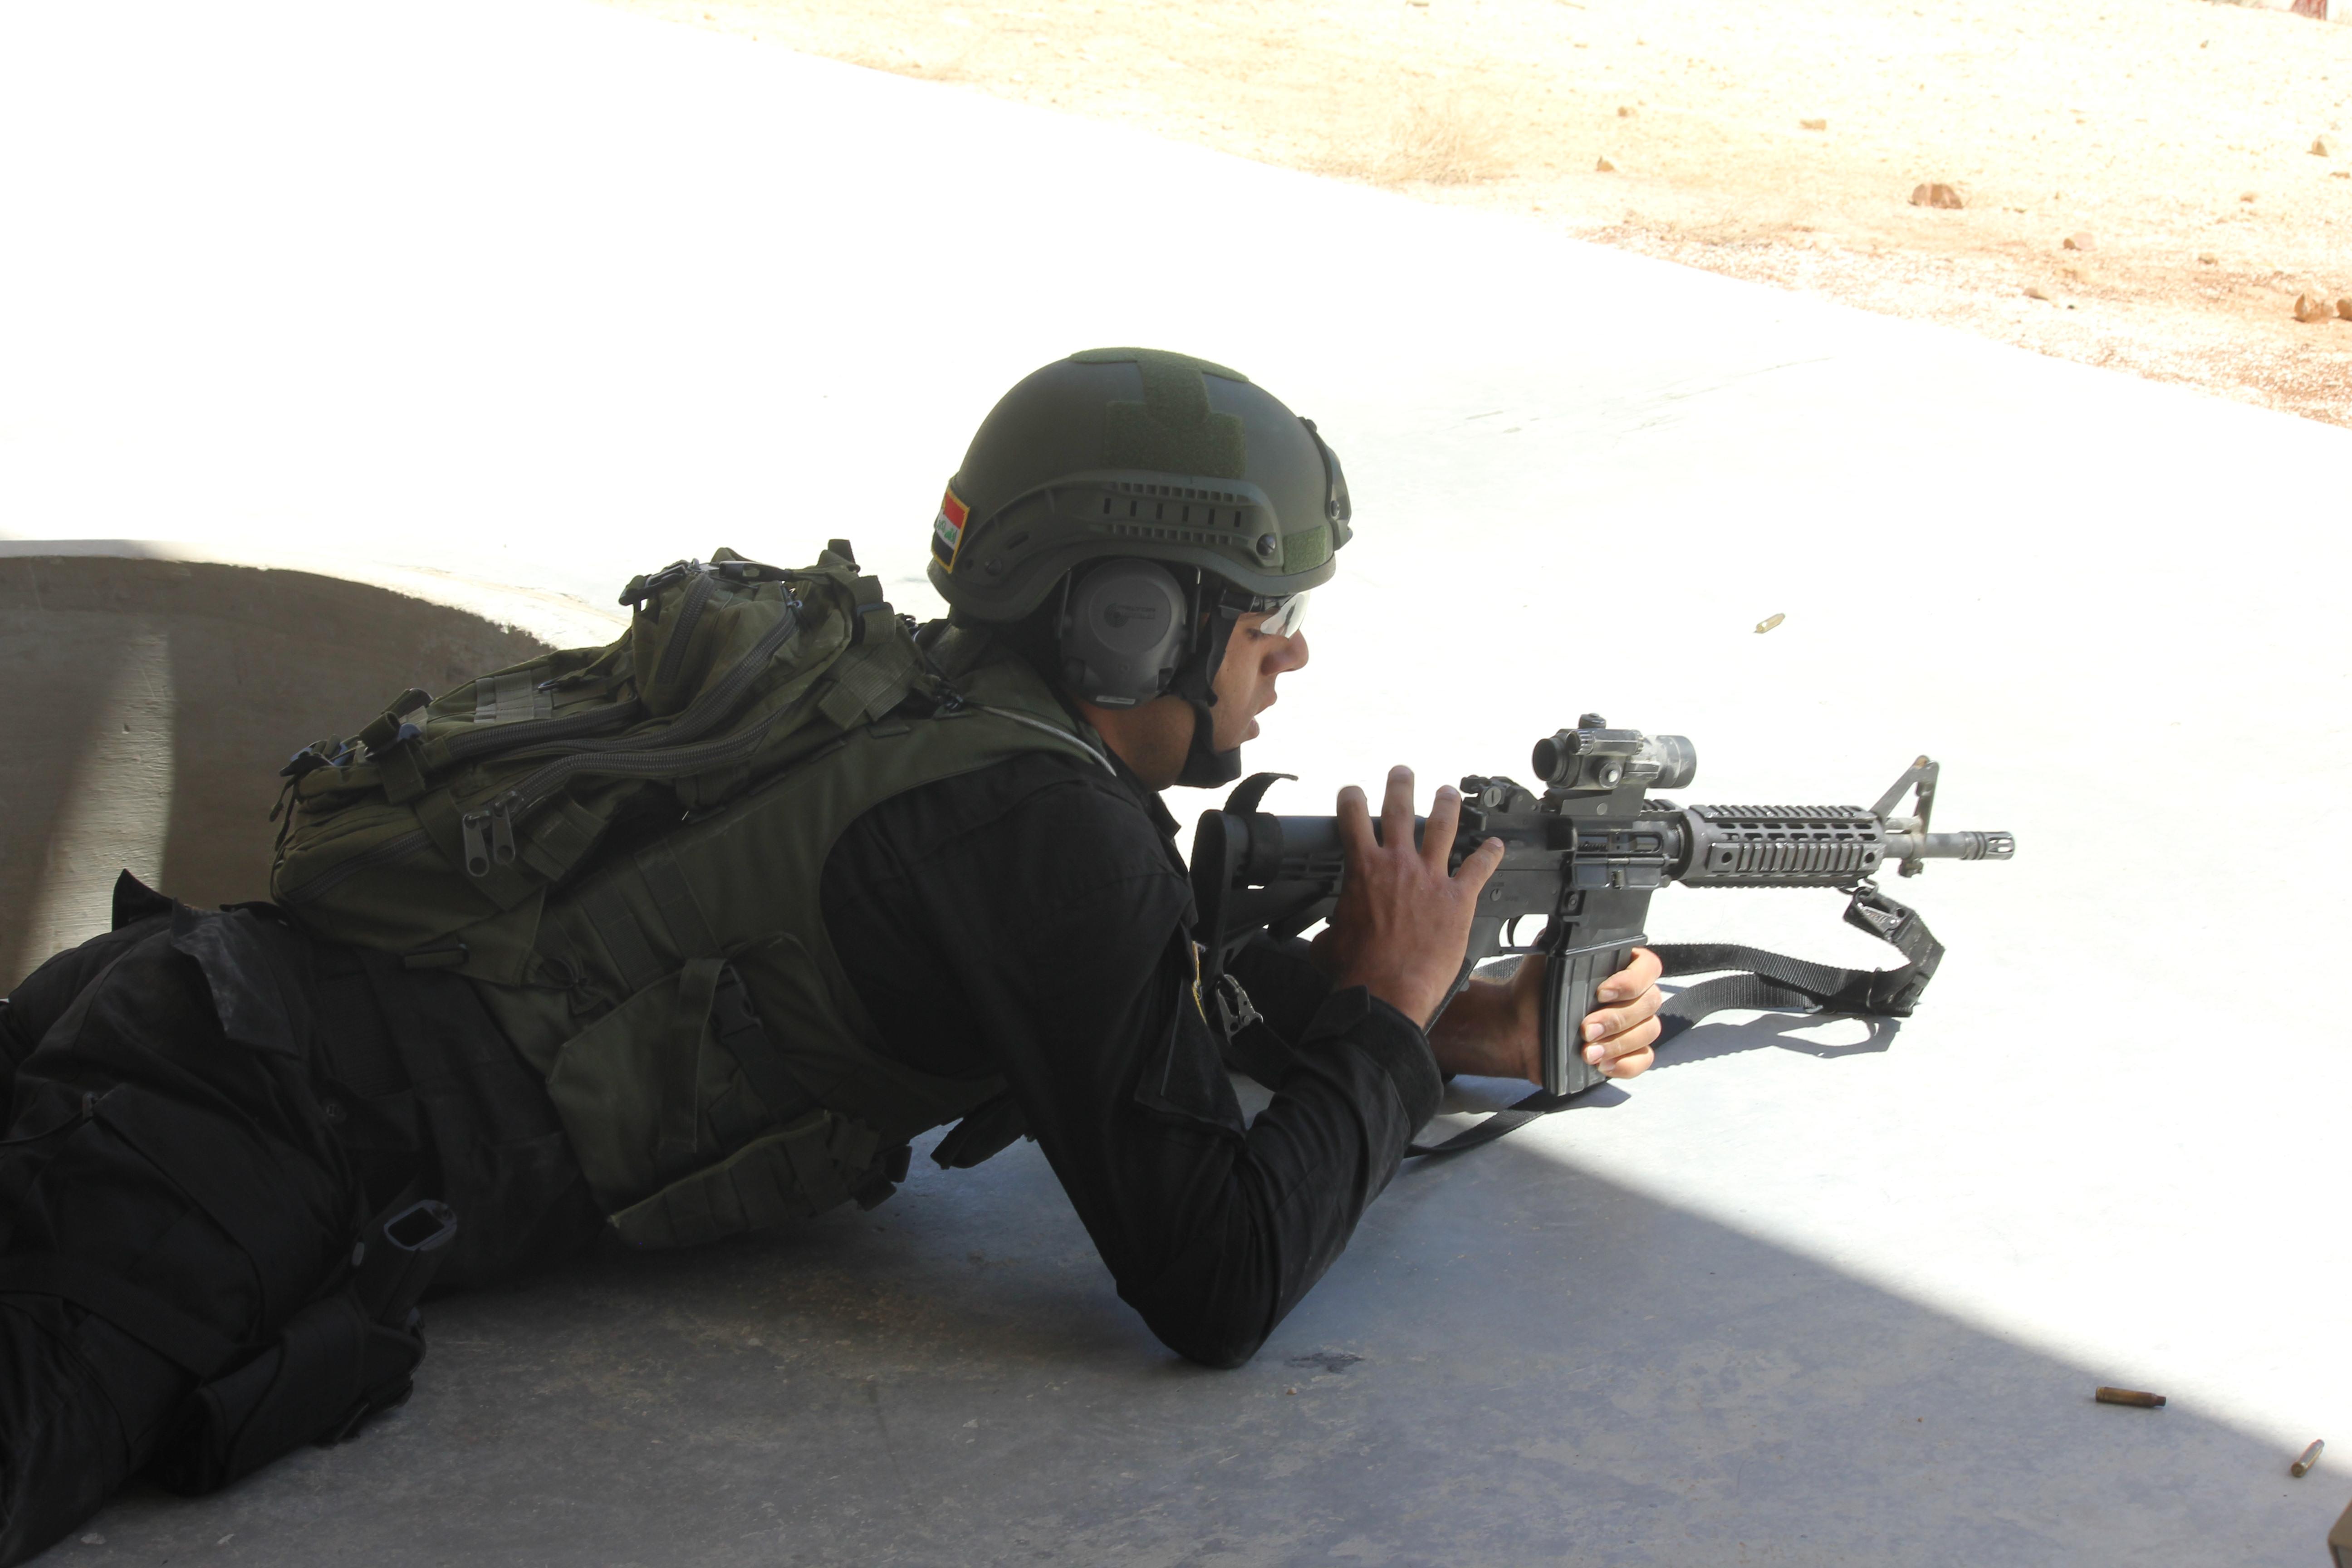 مركز الملك عبدالله الثاني لتدريب العمليات الخاصة KASOTC-warrior-competition-10